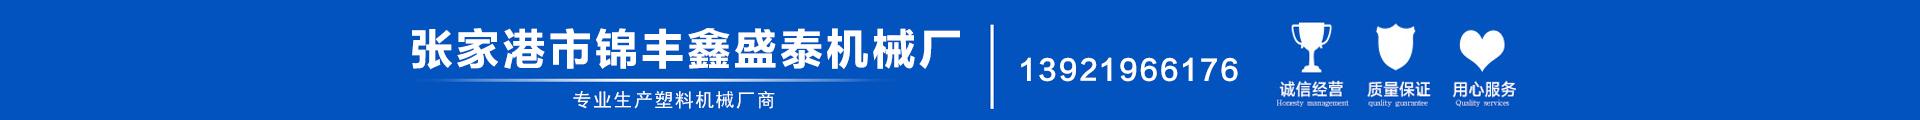 张家港市锦丰鑫盛泰机械厂